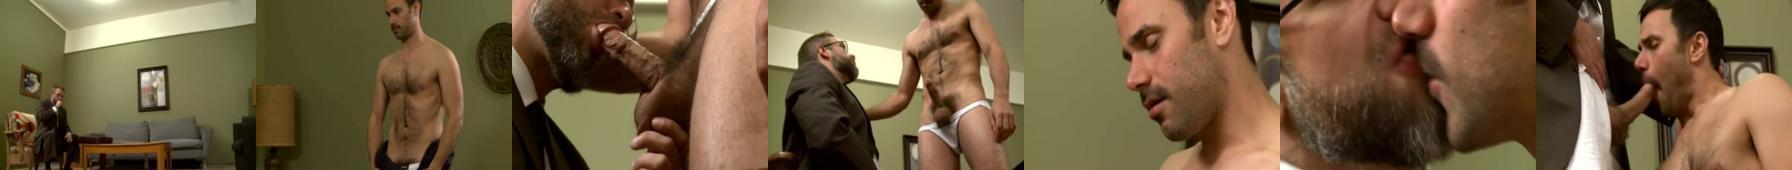 stary nauczyciel gejów porno odgrywanie lesbijek porno